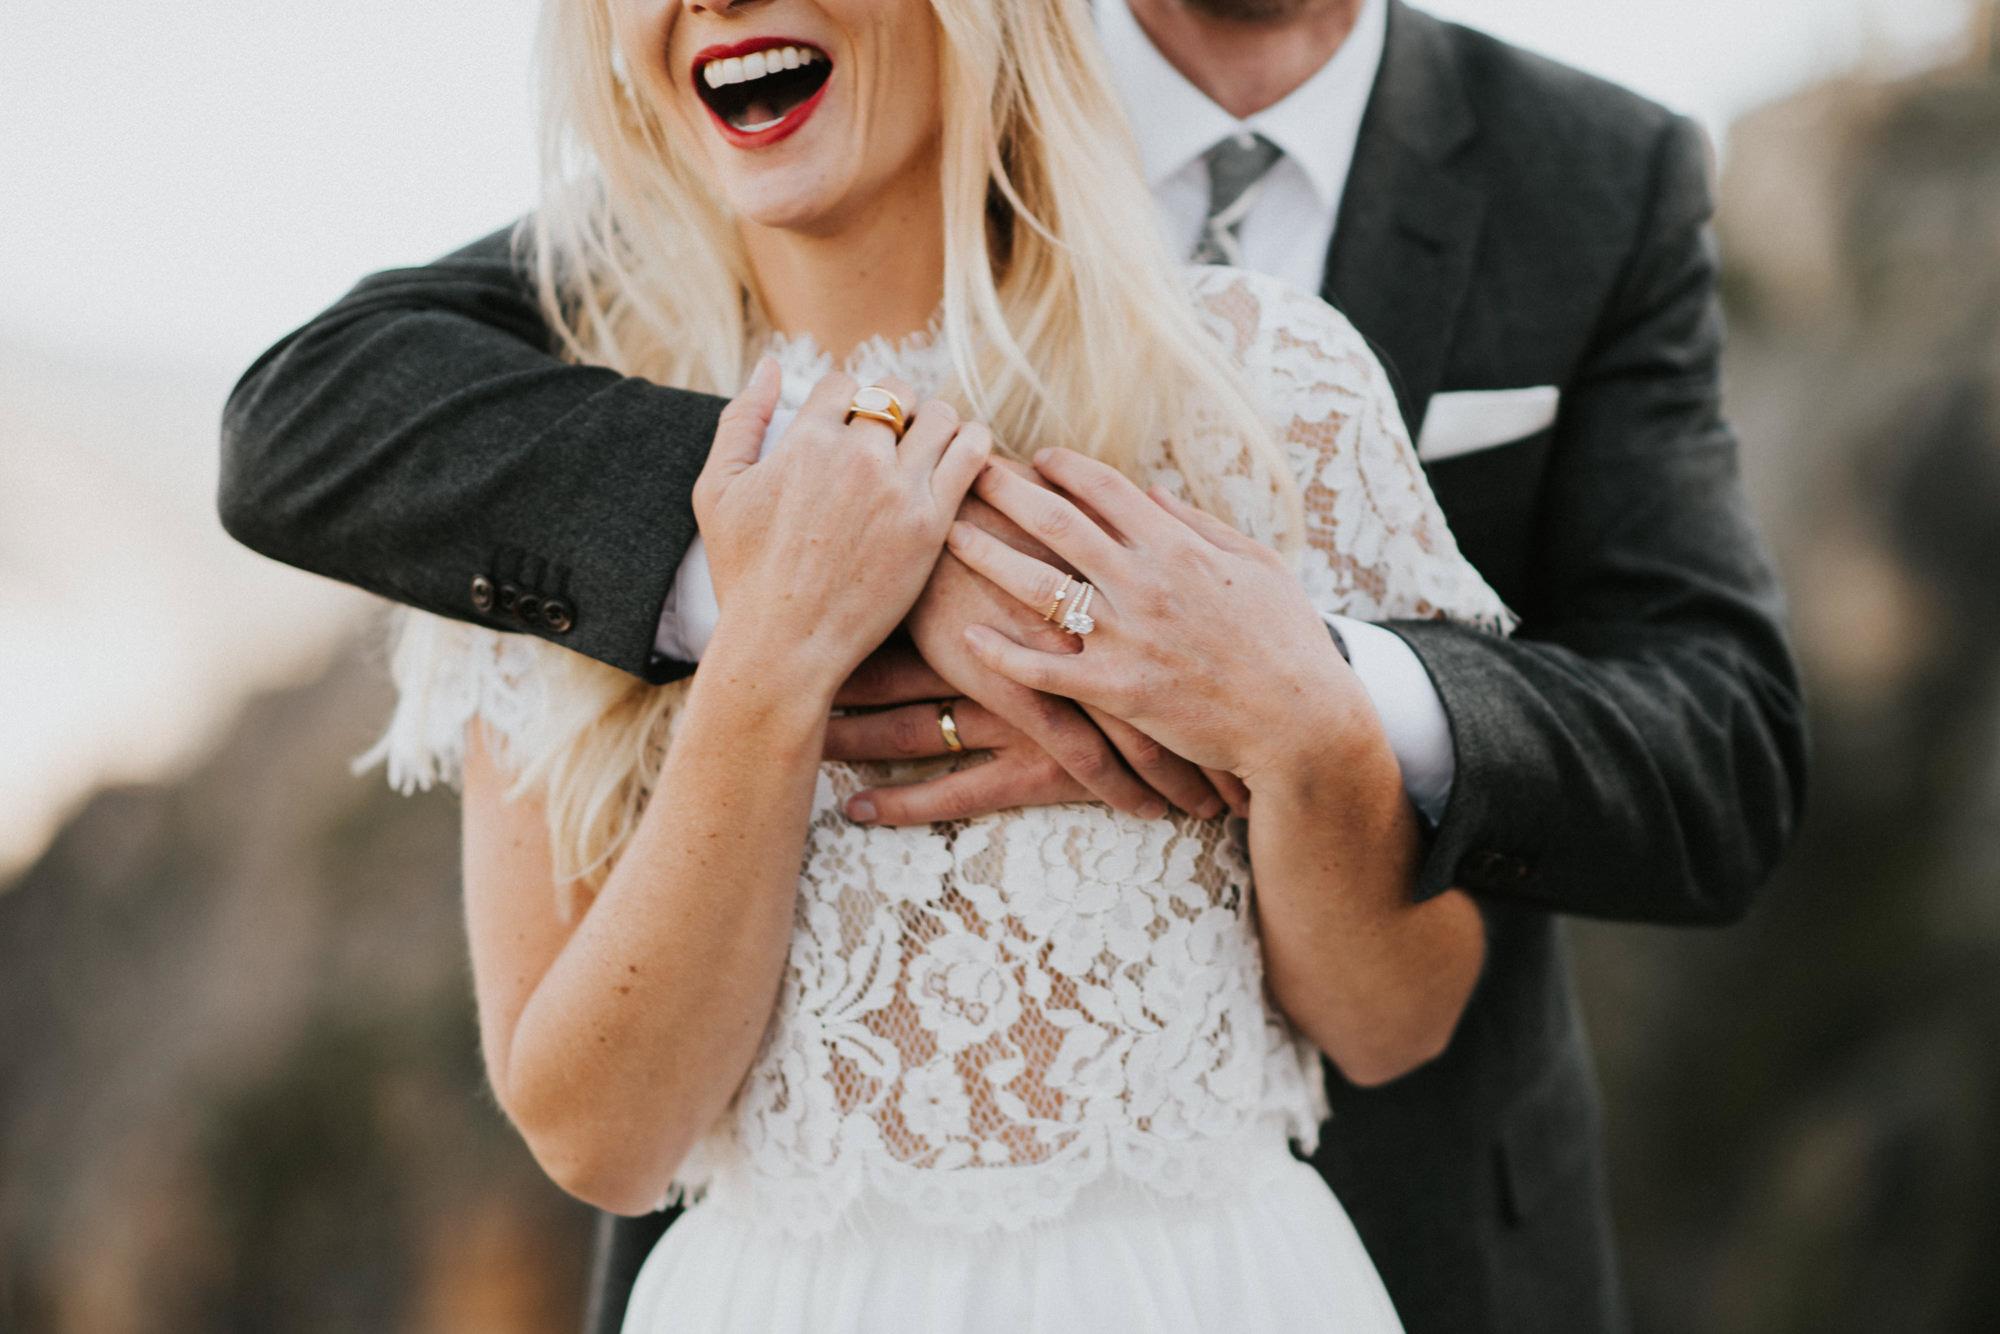 Groom embraces bride - Nick + Danee